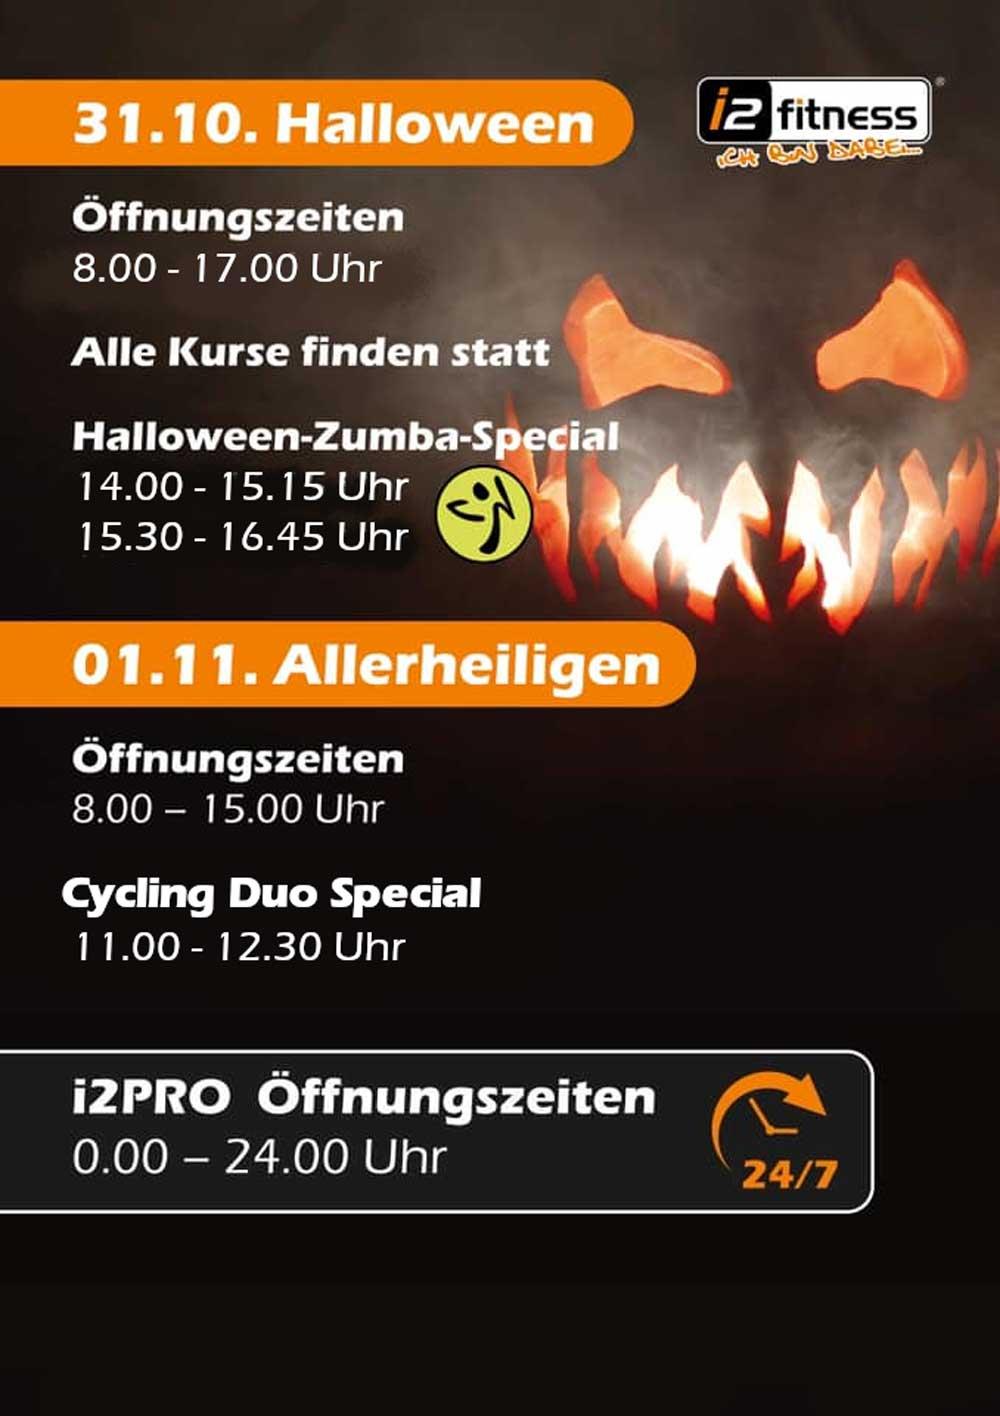 Unsere Öffnungszeiten<br> an Halloween & Allerheiligen